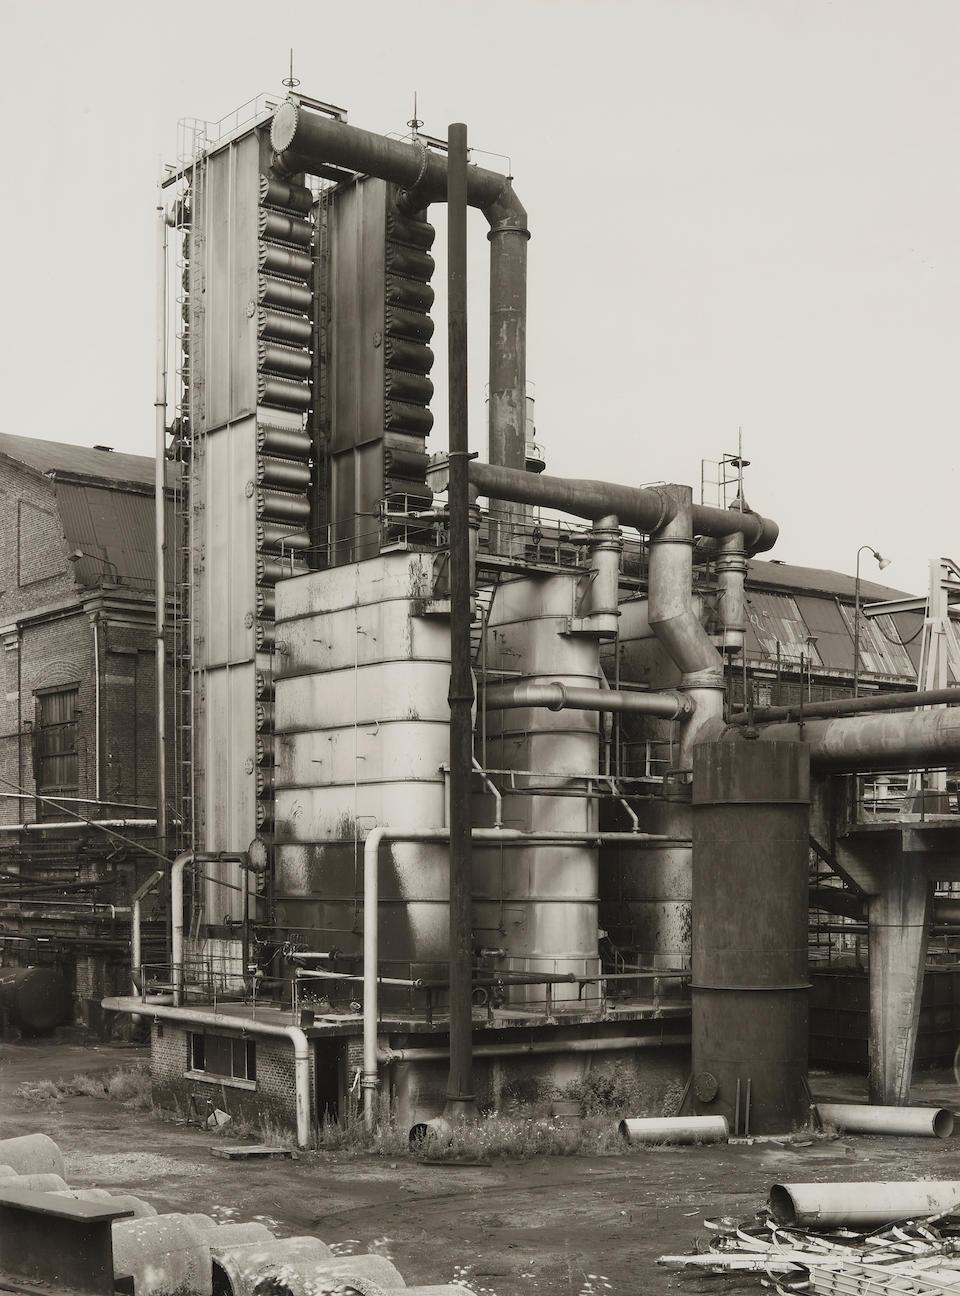 Bernd and Hilla Becher (1931-2007 and 1934-2015); Coke Plant Flemalle, Liege; Coke Plant, Emscher-Lippe, Dorsten, Ruhr; Coke Plant, Zeche Ewald Fortsetzung Recklinghausen, Ruhr; (3)